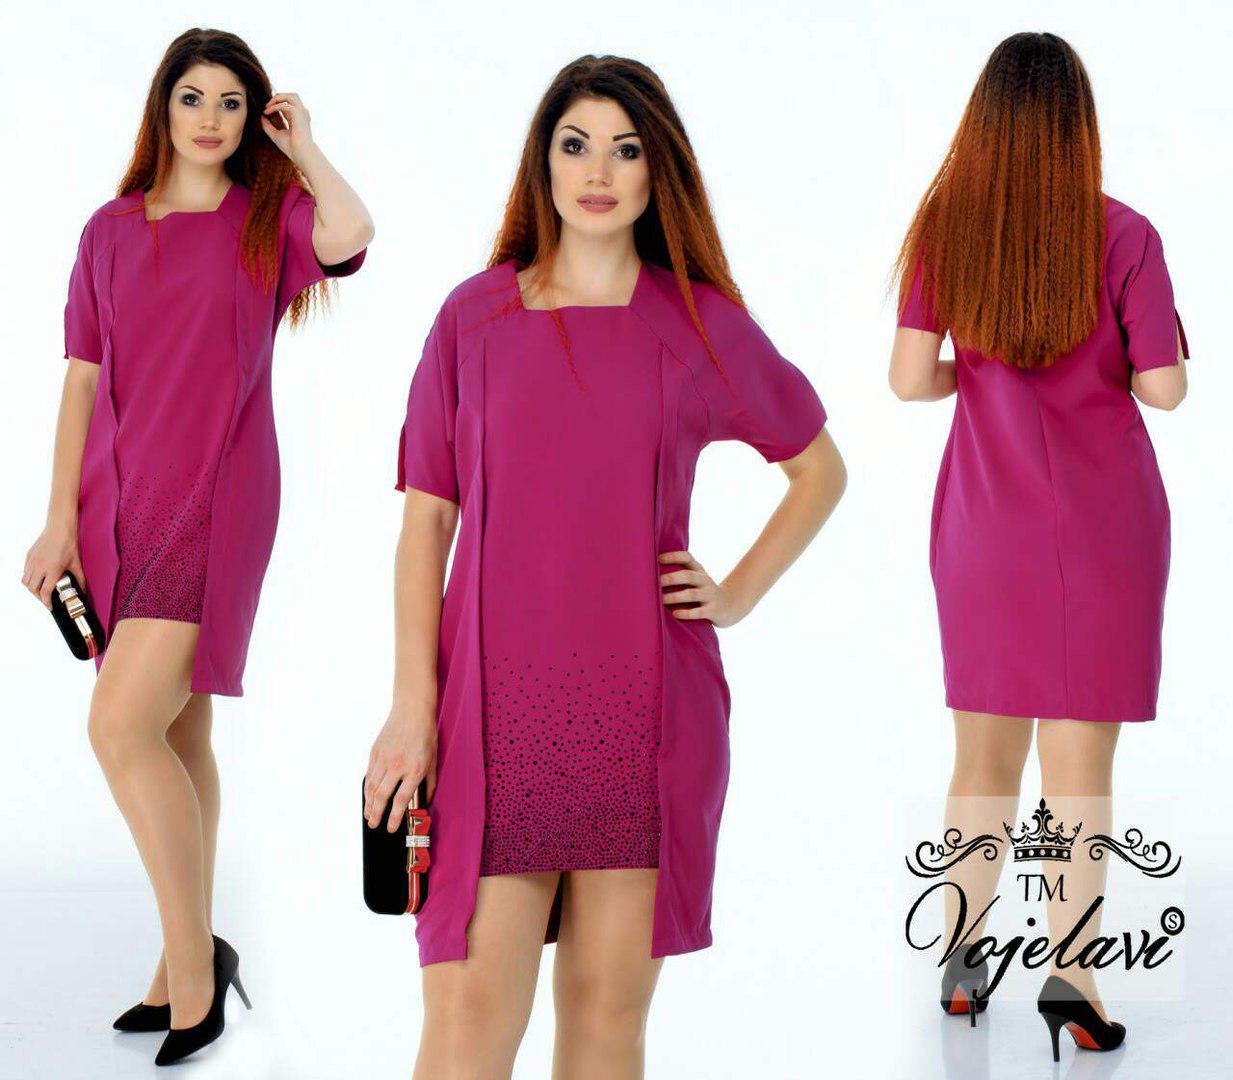 814c3aa336a Стильное женское платье с удлиненной спинкой A1057 оптом и в розницу ...